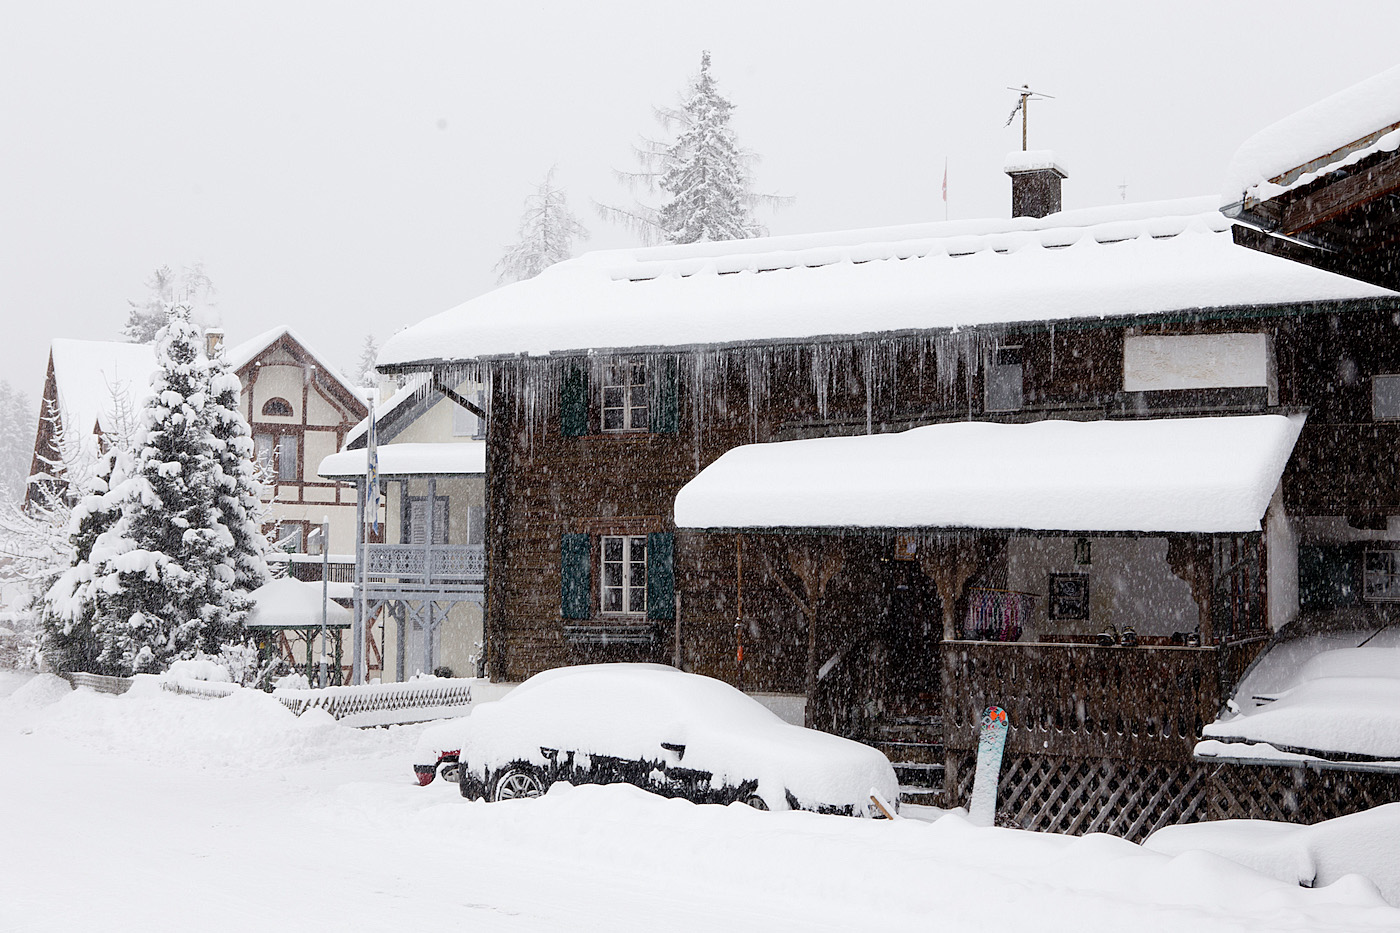 Skigebiet LAAX, LAAXisniceyo, Graubünden, skiing in LAAX, culinary trail LAAX/Flims, ski weekend LAAX, winter holiday, winter in Switzerland